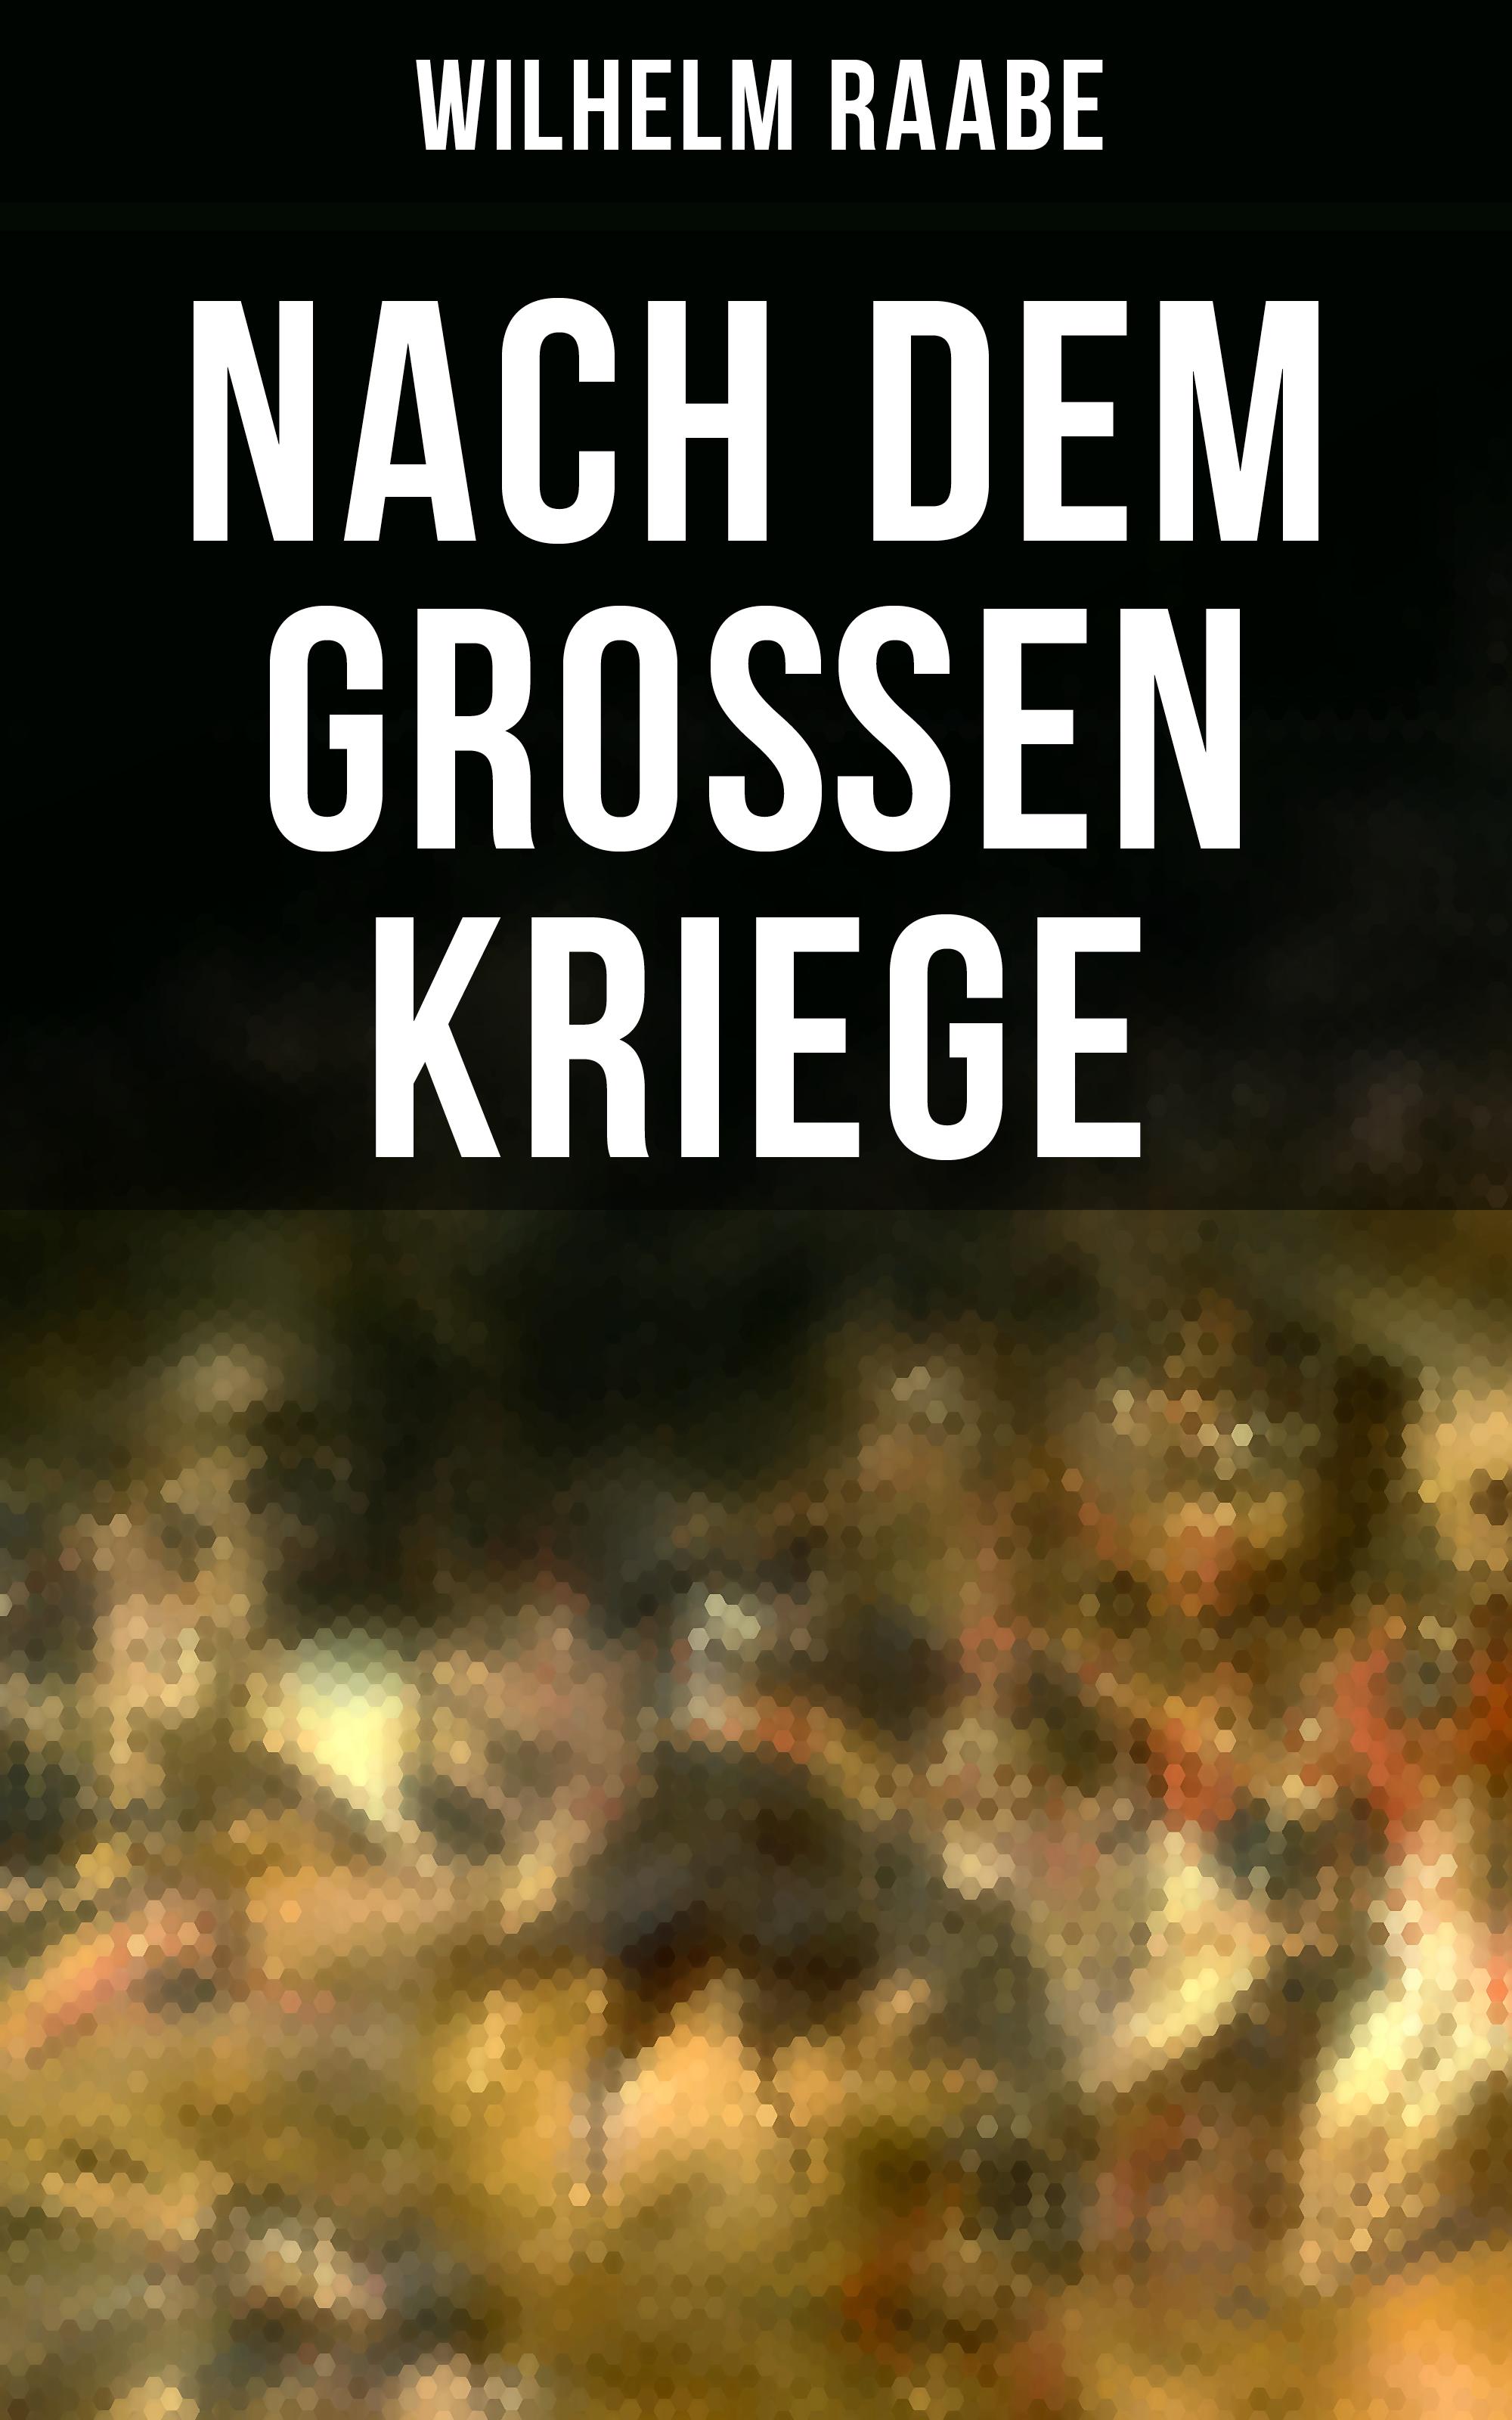 Wilhelm Raabe Nach dem Großen Kriege priscilla bucher kriege sind halt kacke